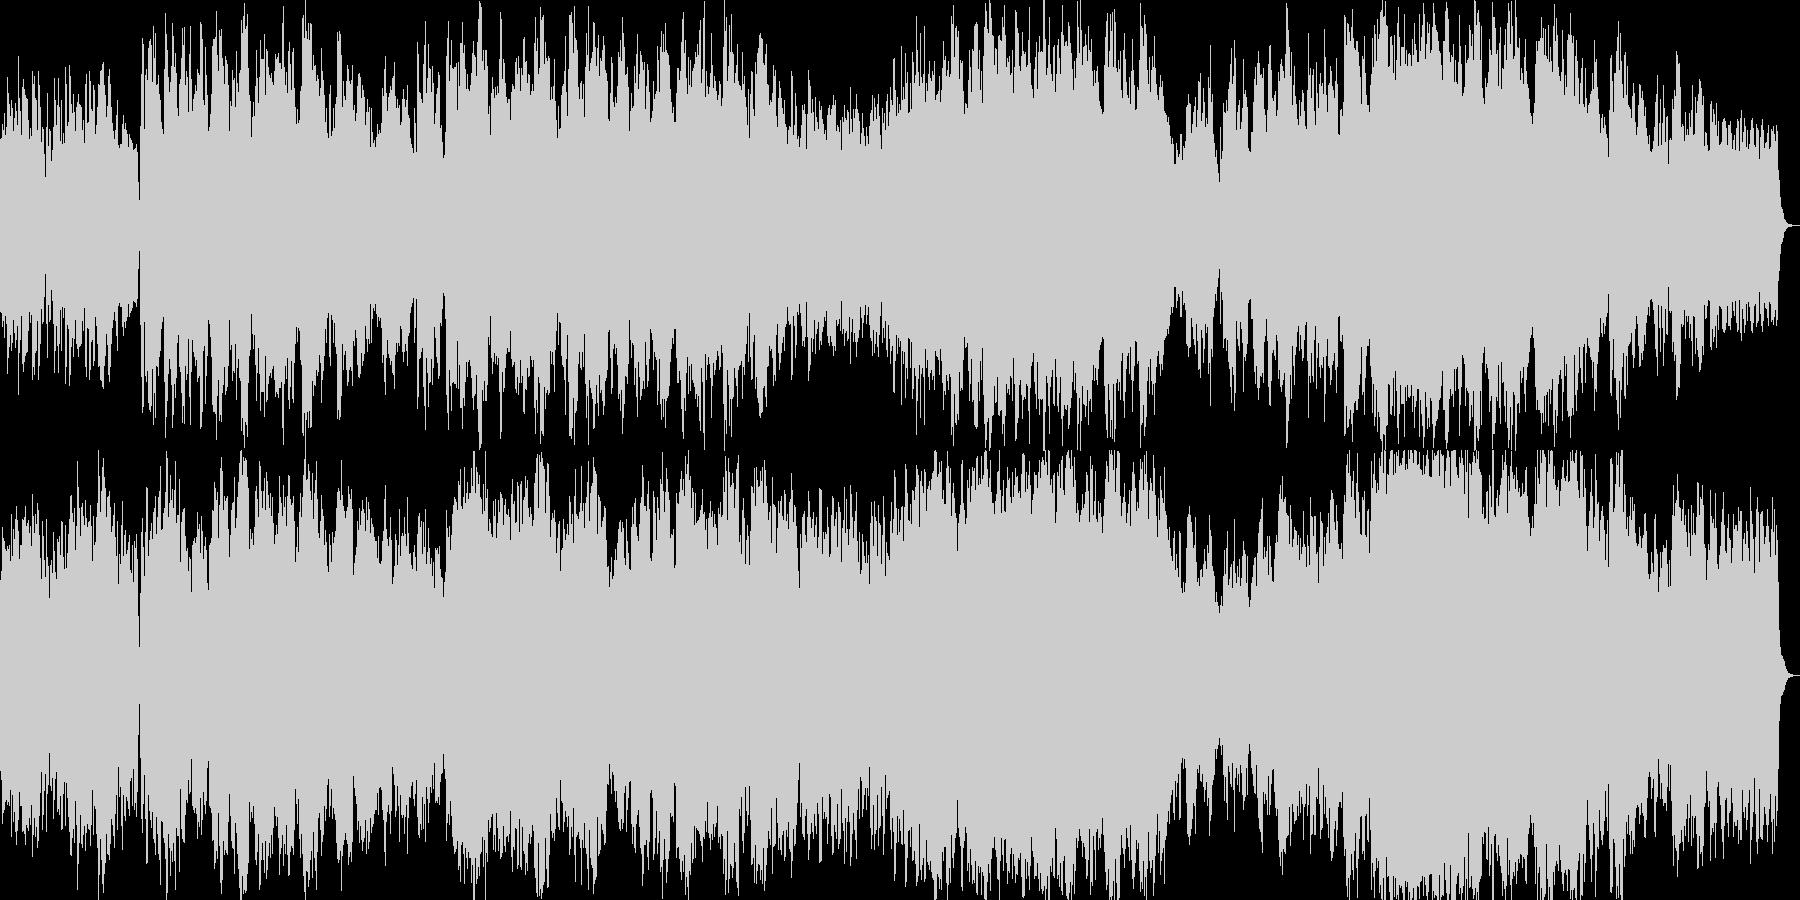 開放的できれいなイージーリスニング曲の未再生の波形